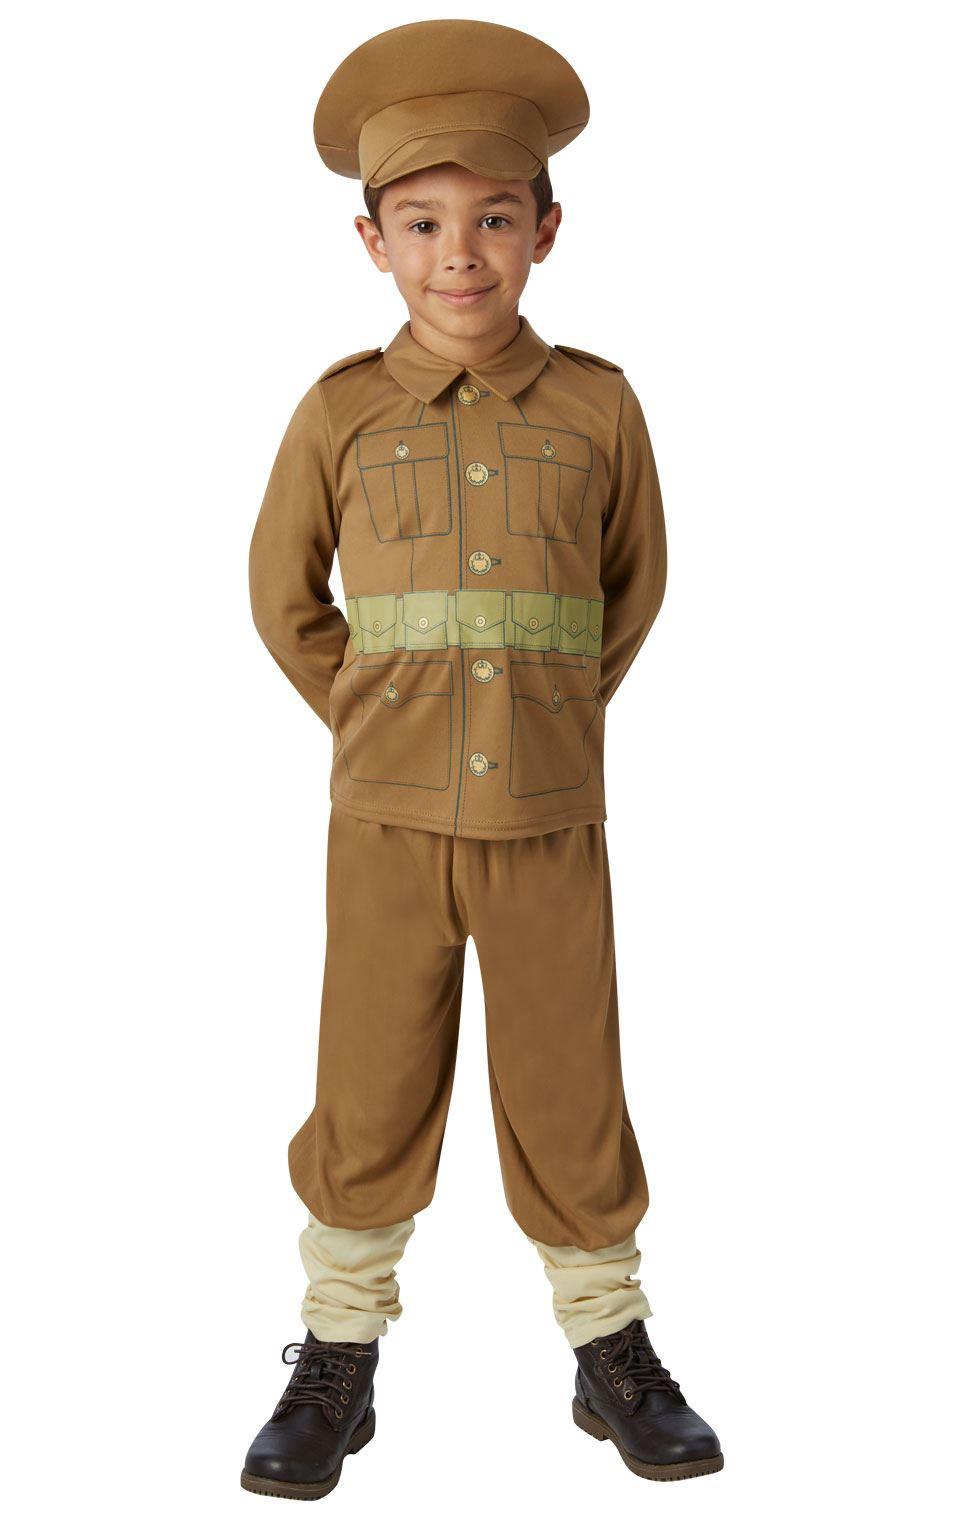 Garcons-WW1-soldat-costume-guerre-mondiale-historique-armee-fancy-dress-outfit